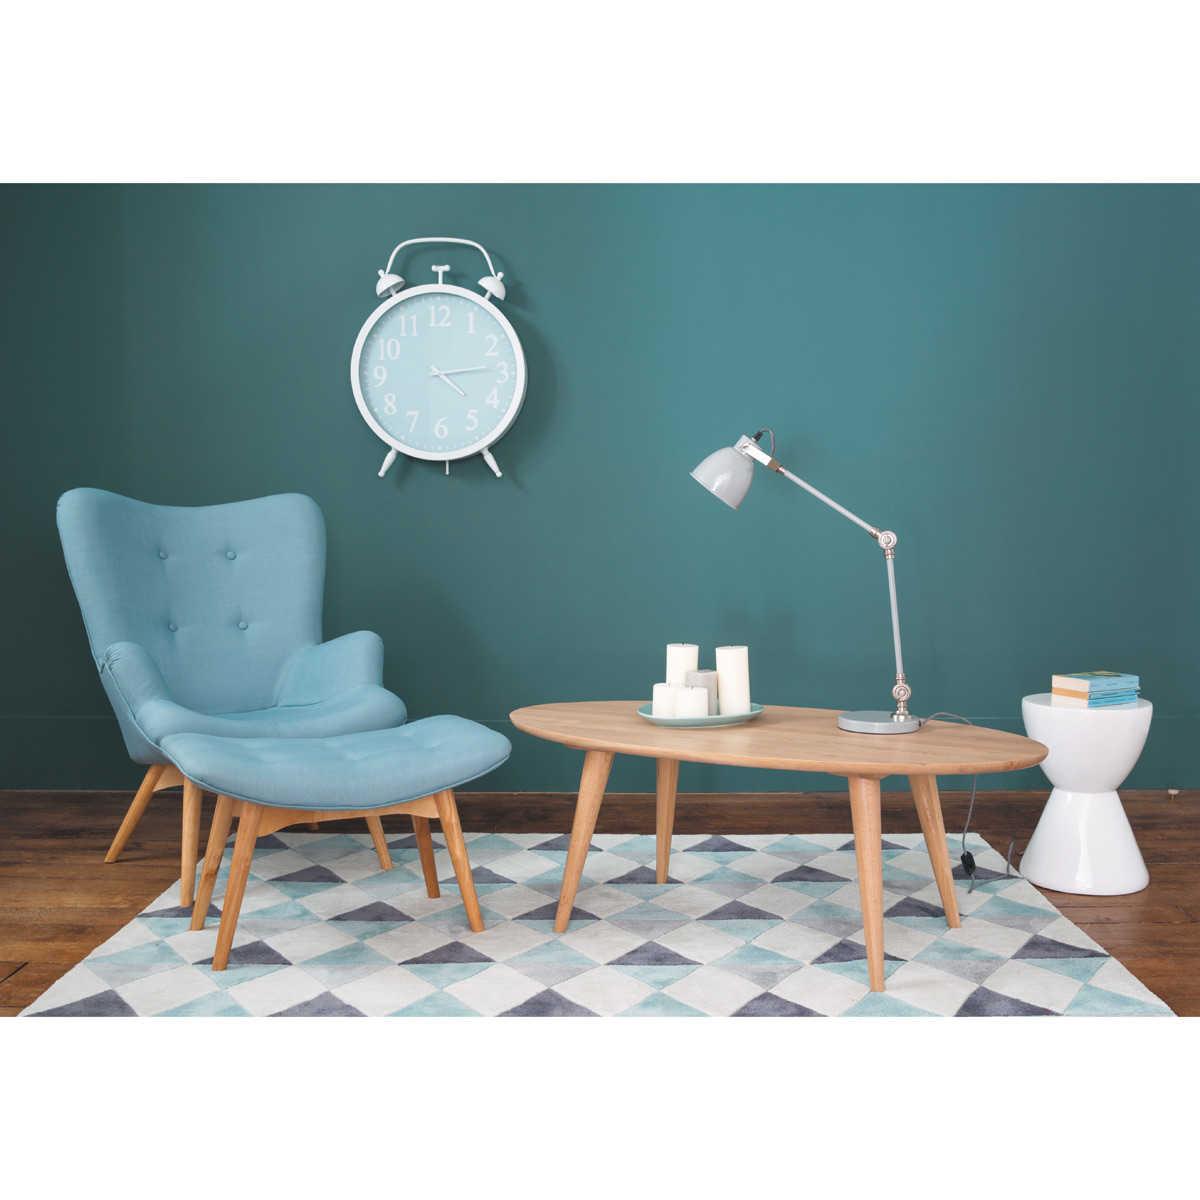 Tables De Salon Maisons Du Monde Table Salon Beton Inspirational